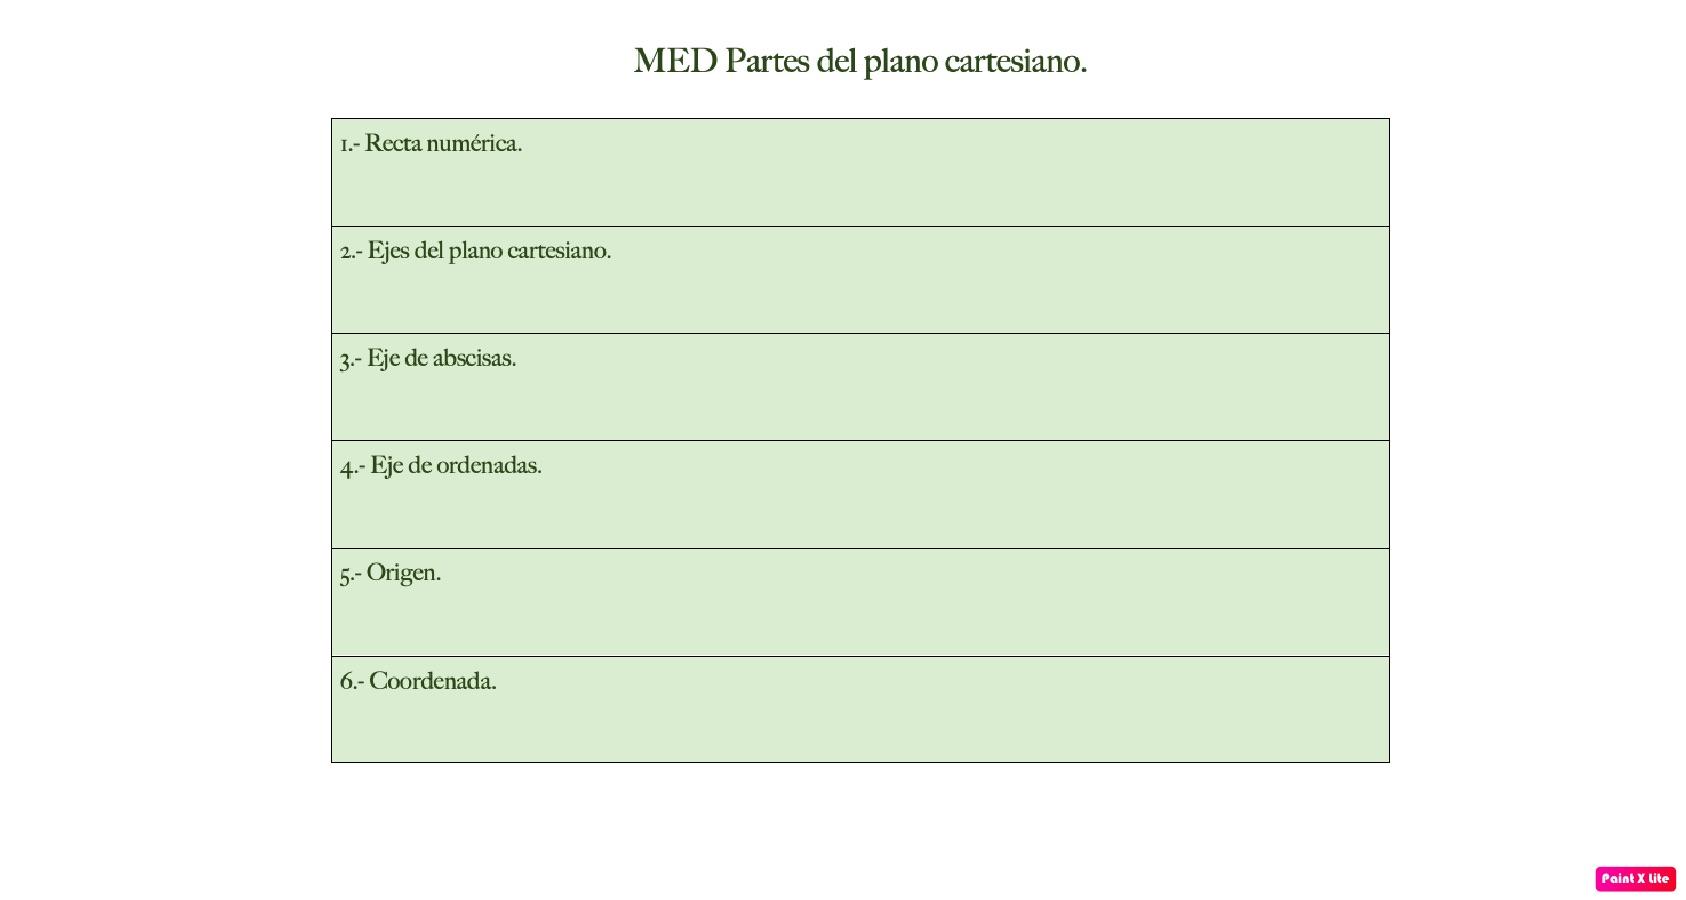 Partes+del+plano+cartesiano+1.jpg